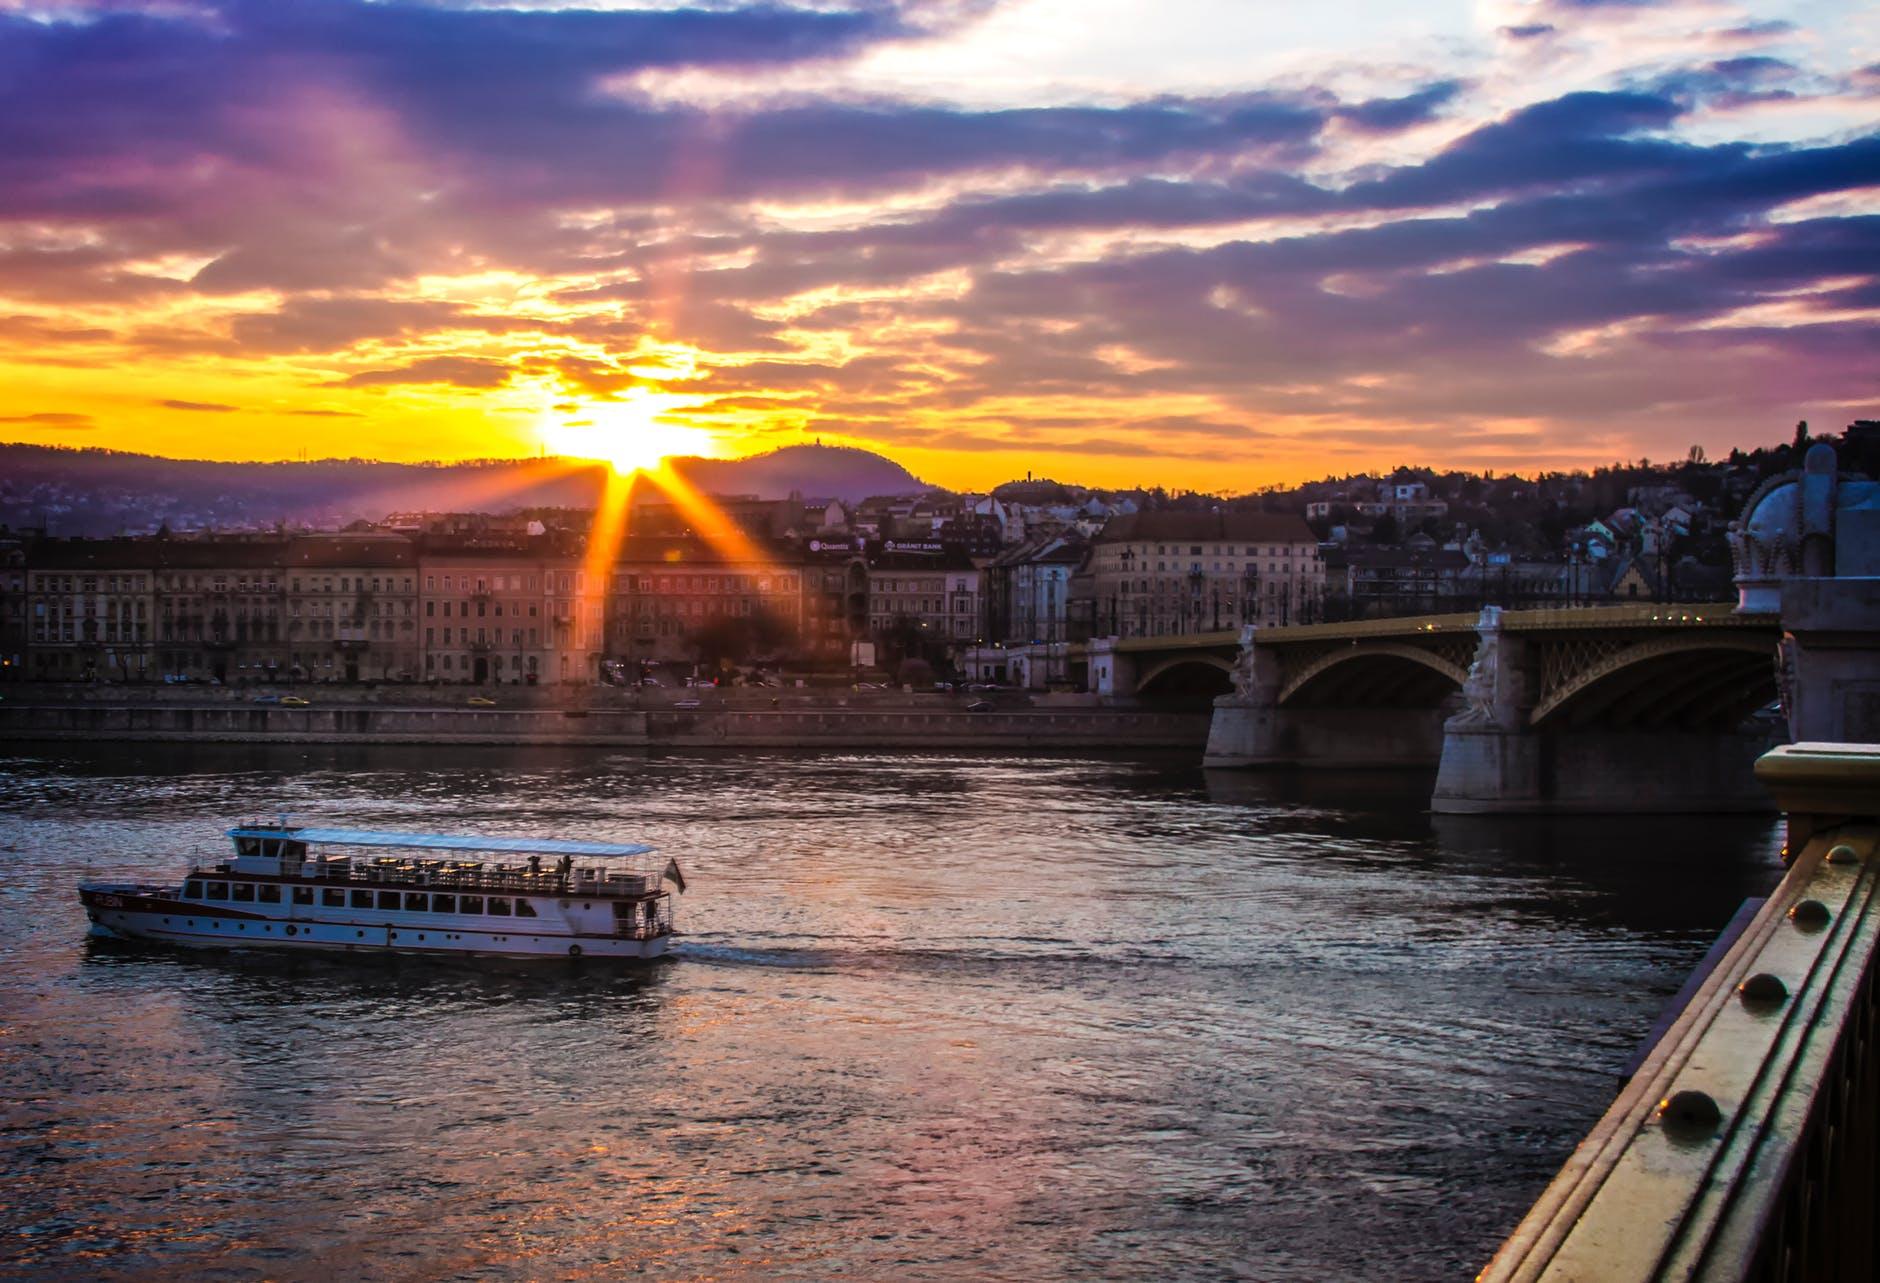 De skyline van Boedapest bij zonsondergang